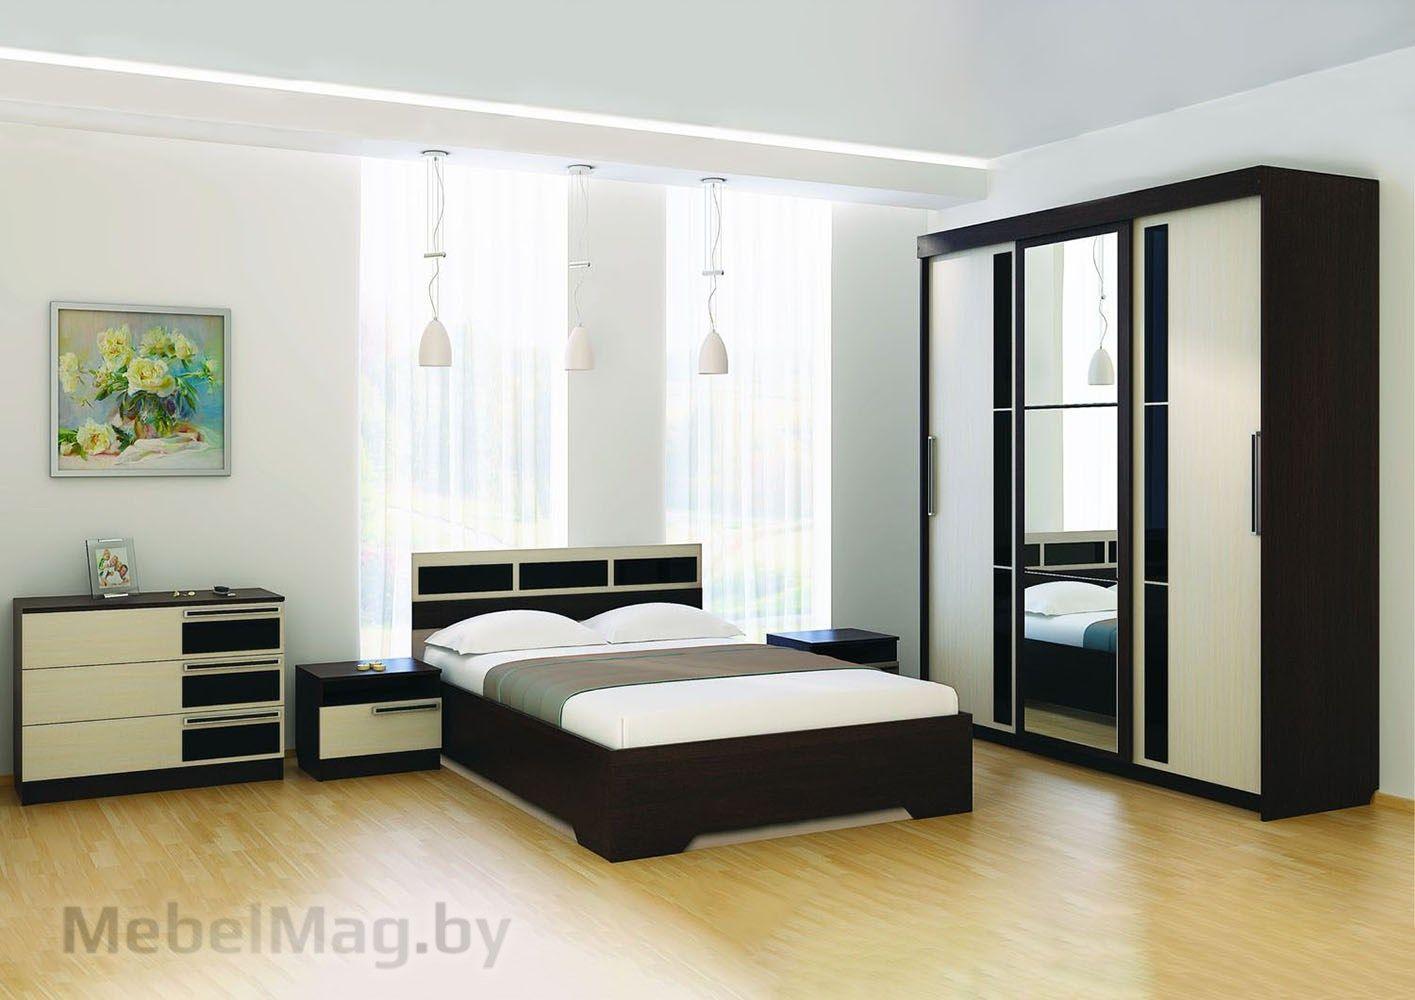 Спальня Эдем 2 - Венге набор 4